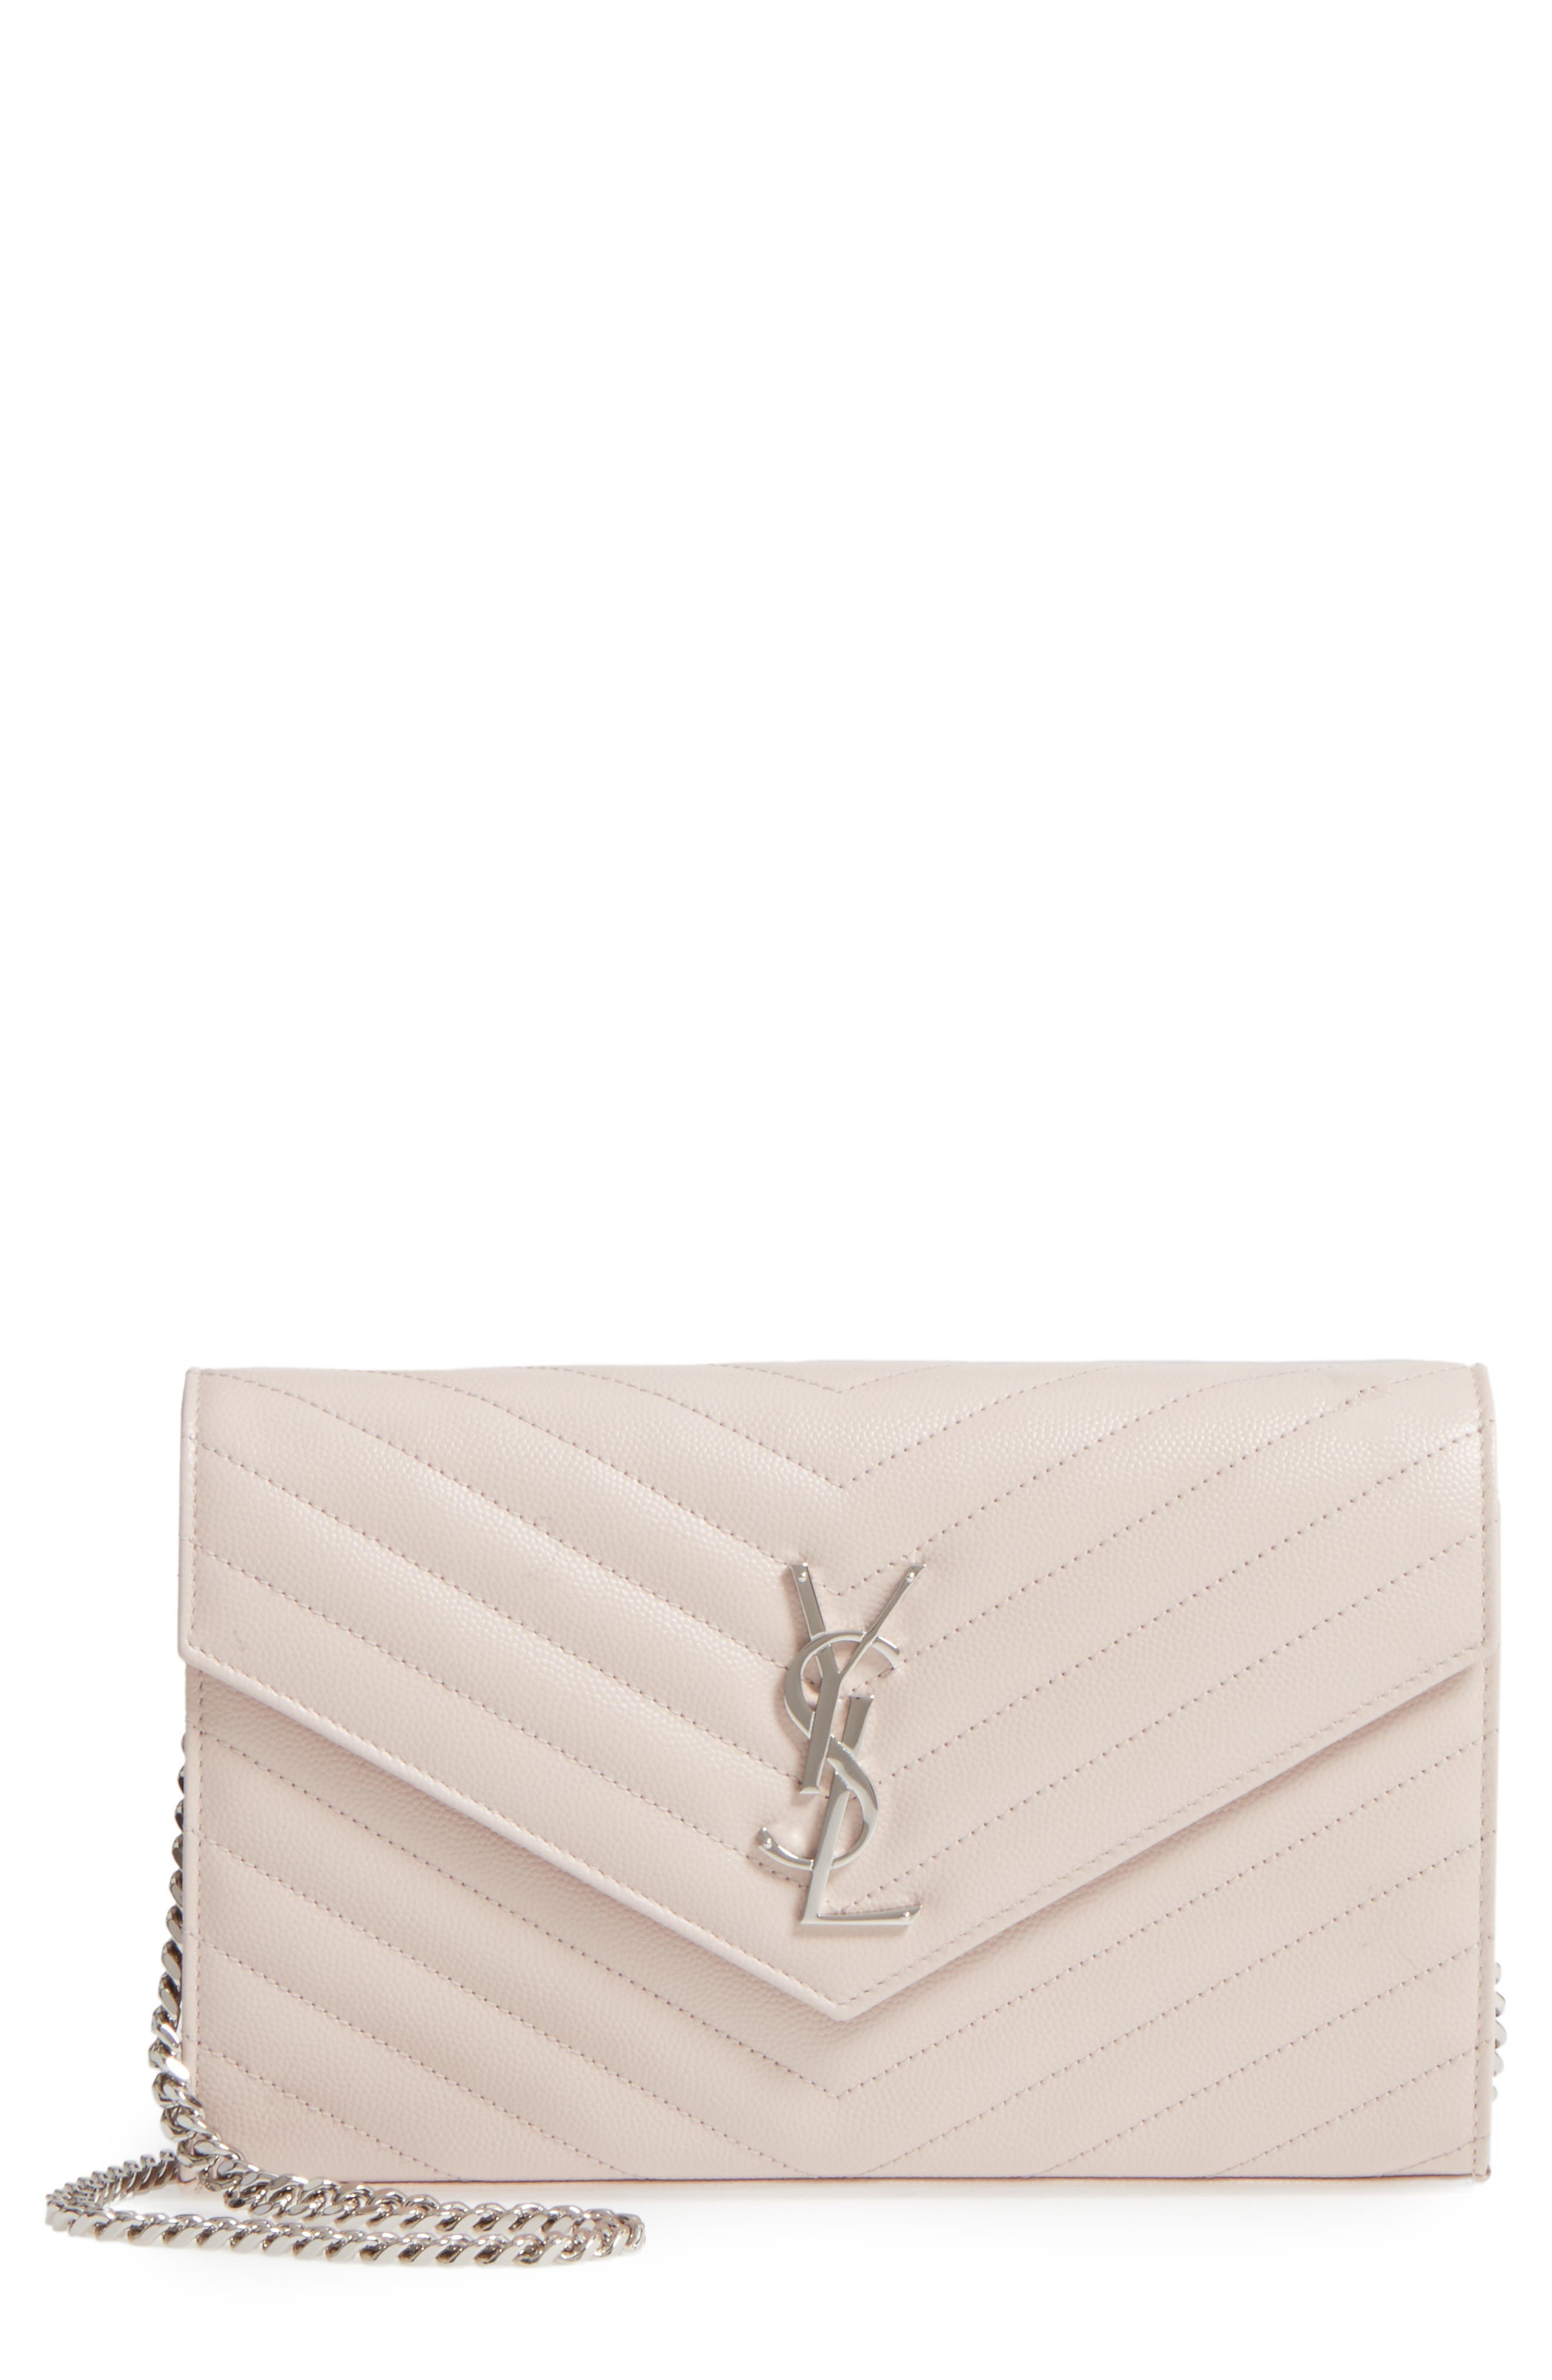 Main Image - Saint Laurent 'Monogram' Wallet on a Chain